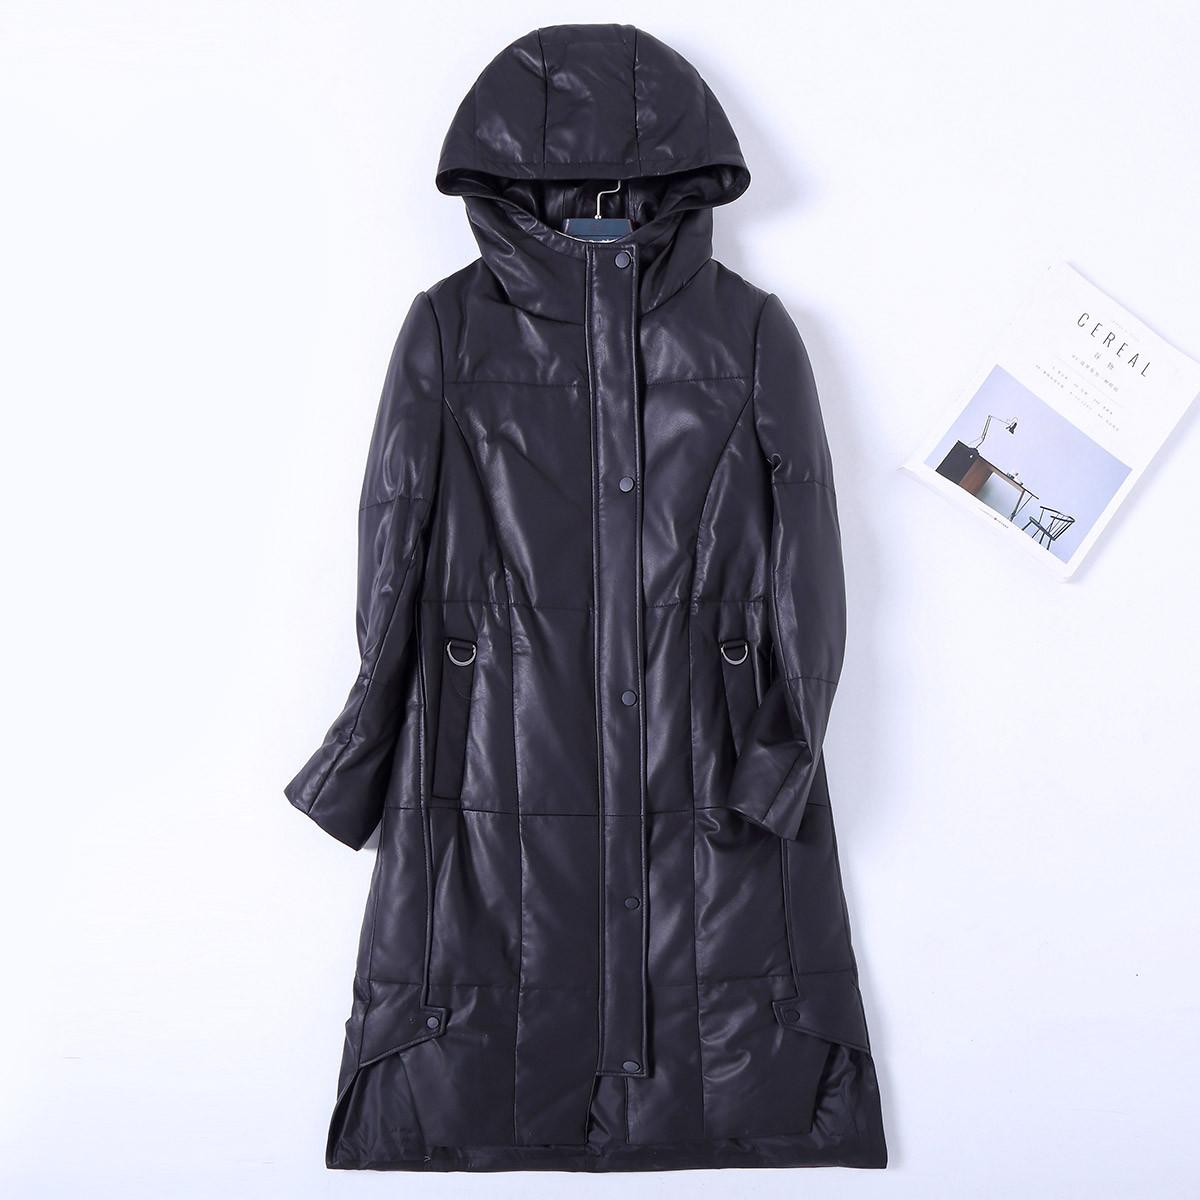 KAISASEGA新款女装连帽拼接皮草长款纯色真皮皮衣外套女款羽绒服KS-959103